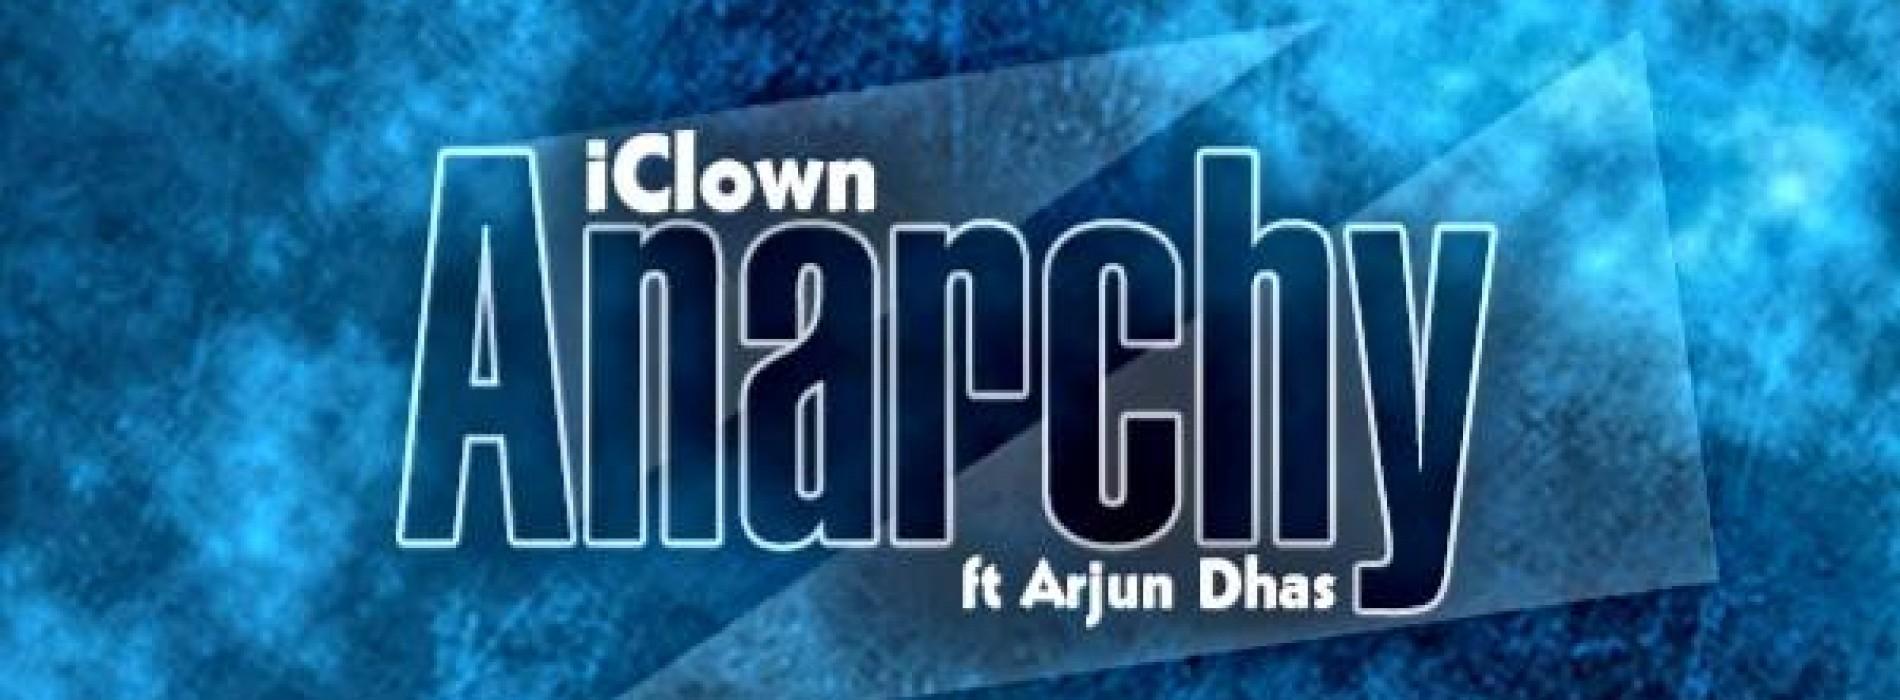 iClown Ft Arjun Dhas – Anarchy